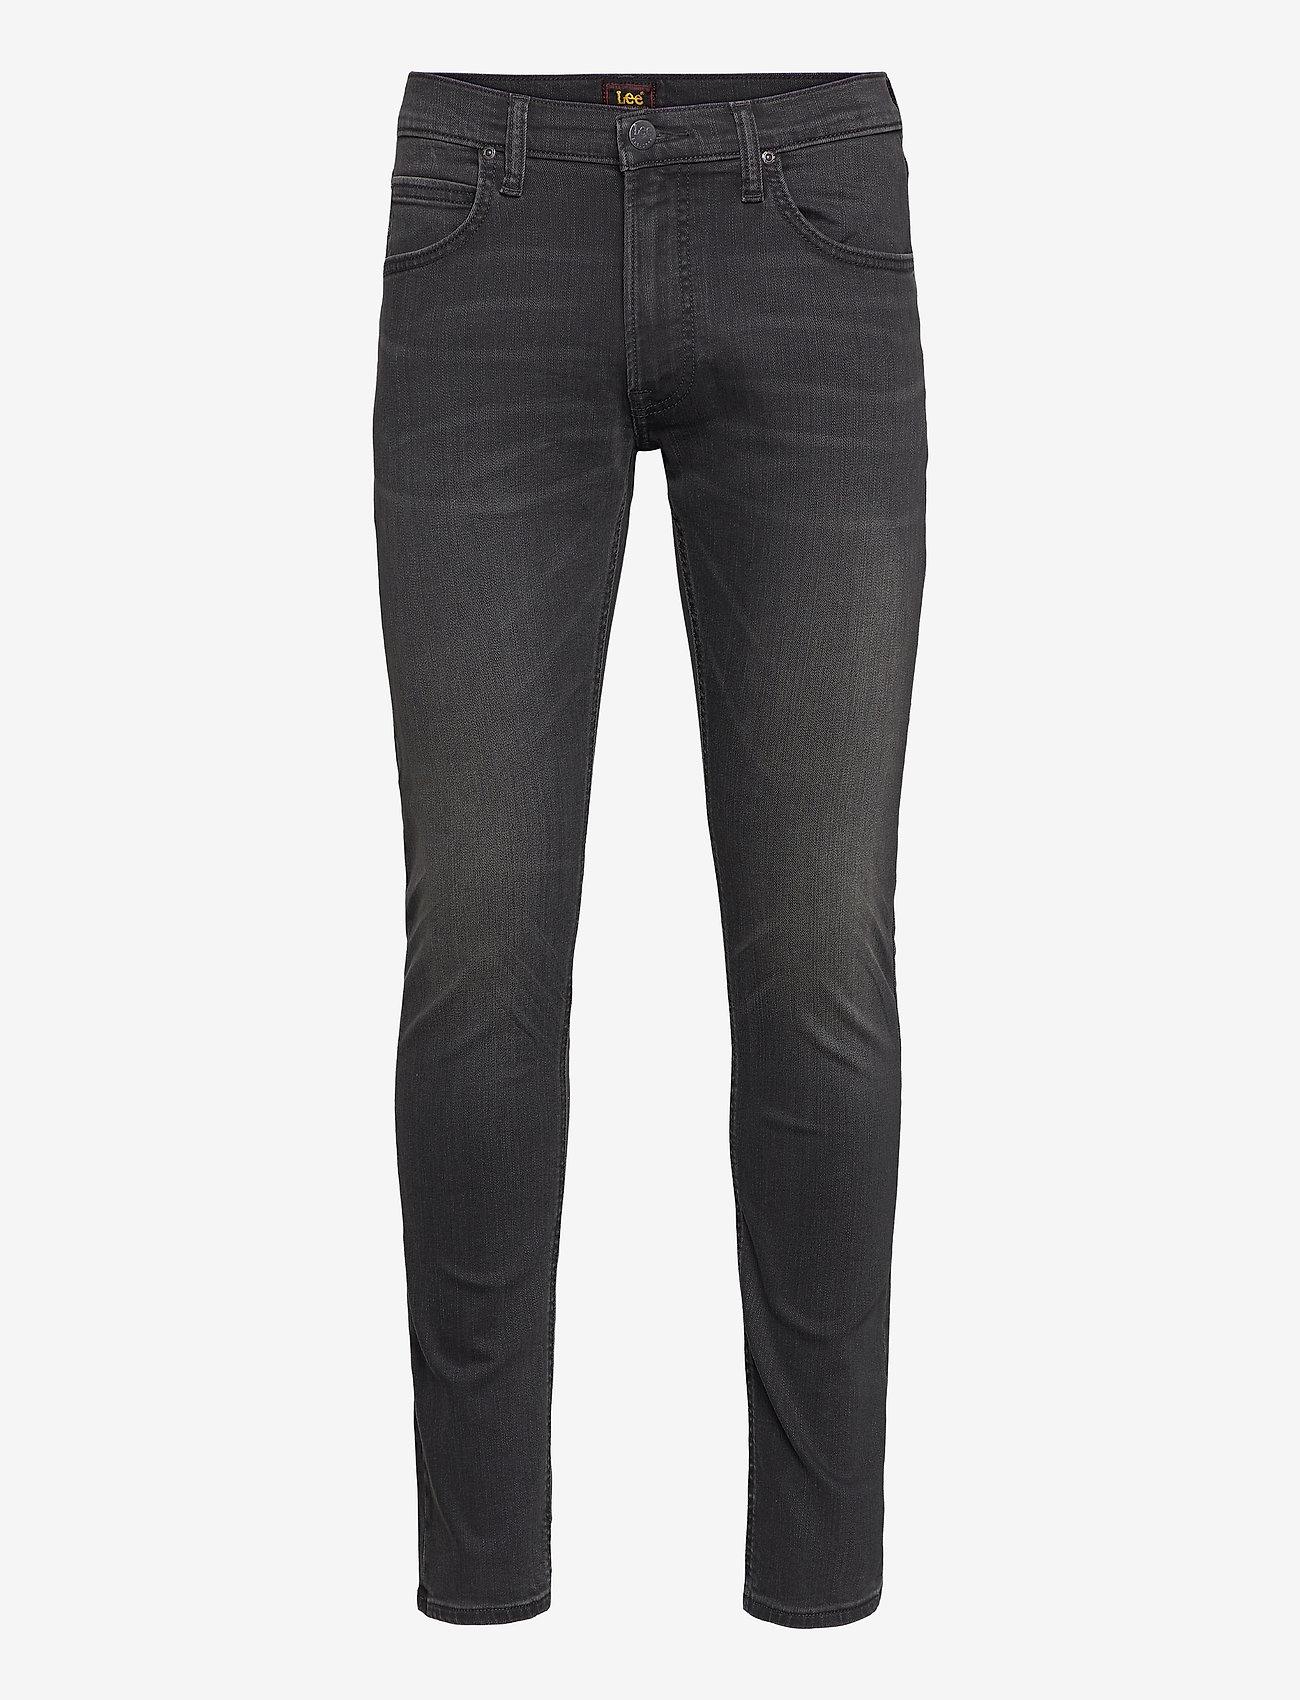 Lee Jeans - LUKE - regular jeans - moto grey - 0